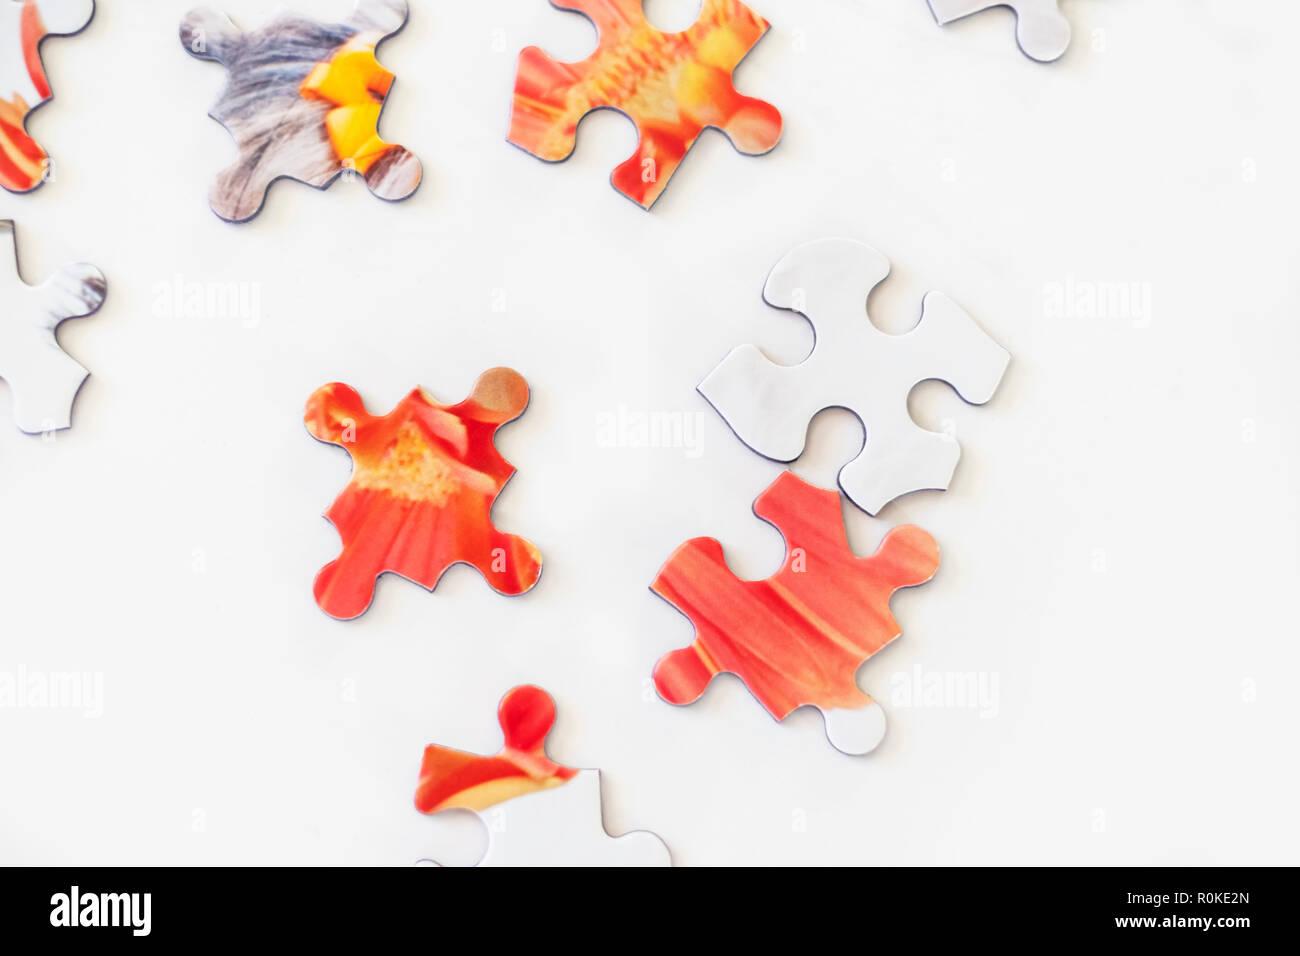 I pezzi del puzzle su sfondo bianco. In rappresentanza di risolvere i problemi, sfida, sfide, capire. Immagini Stock